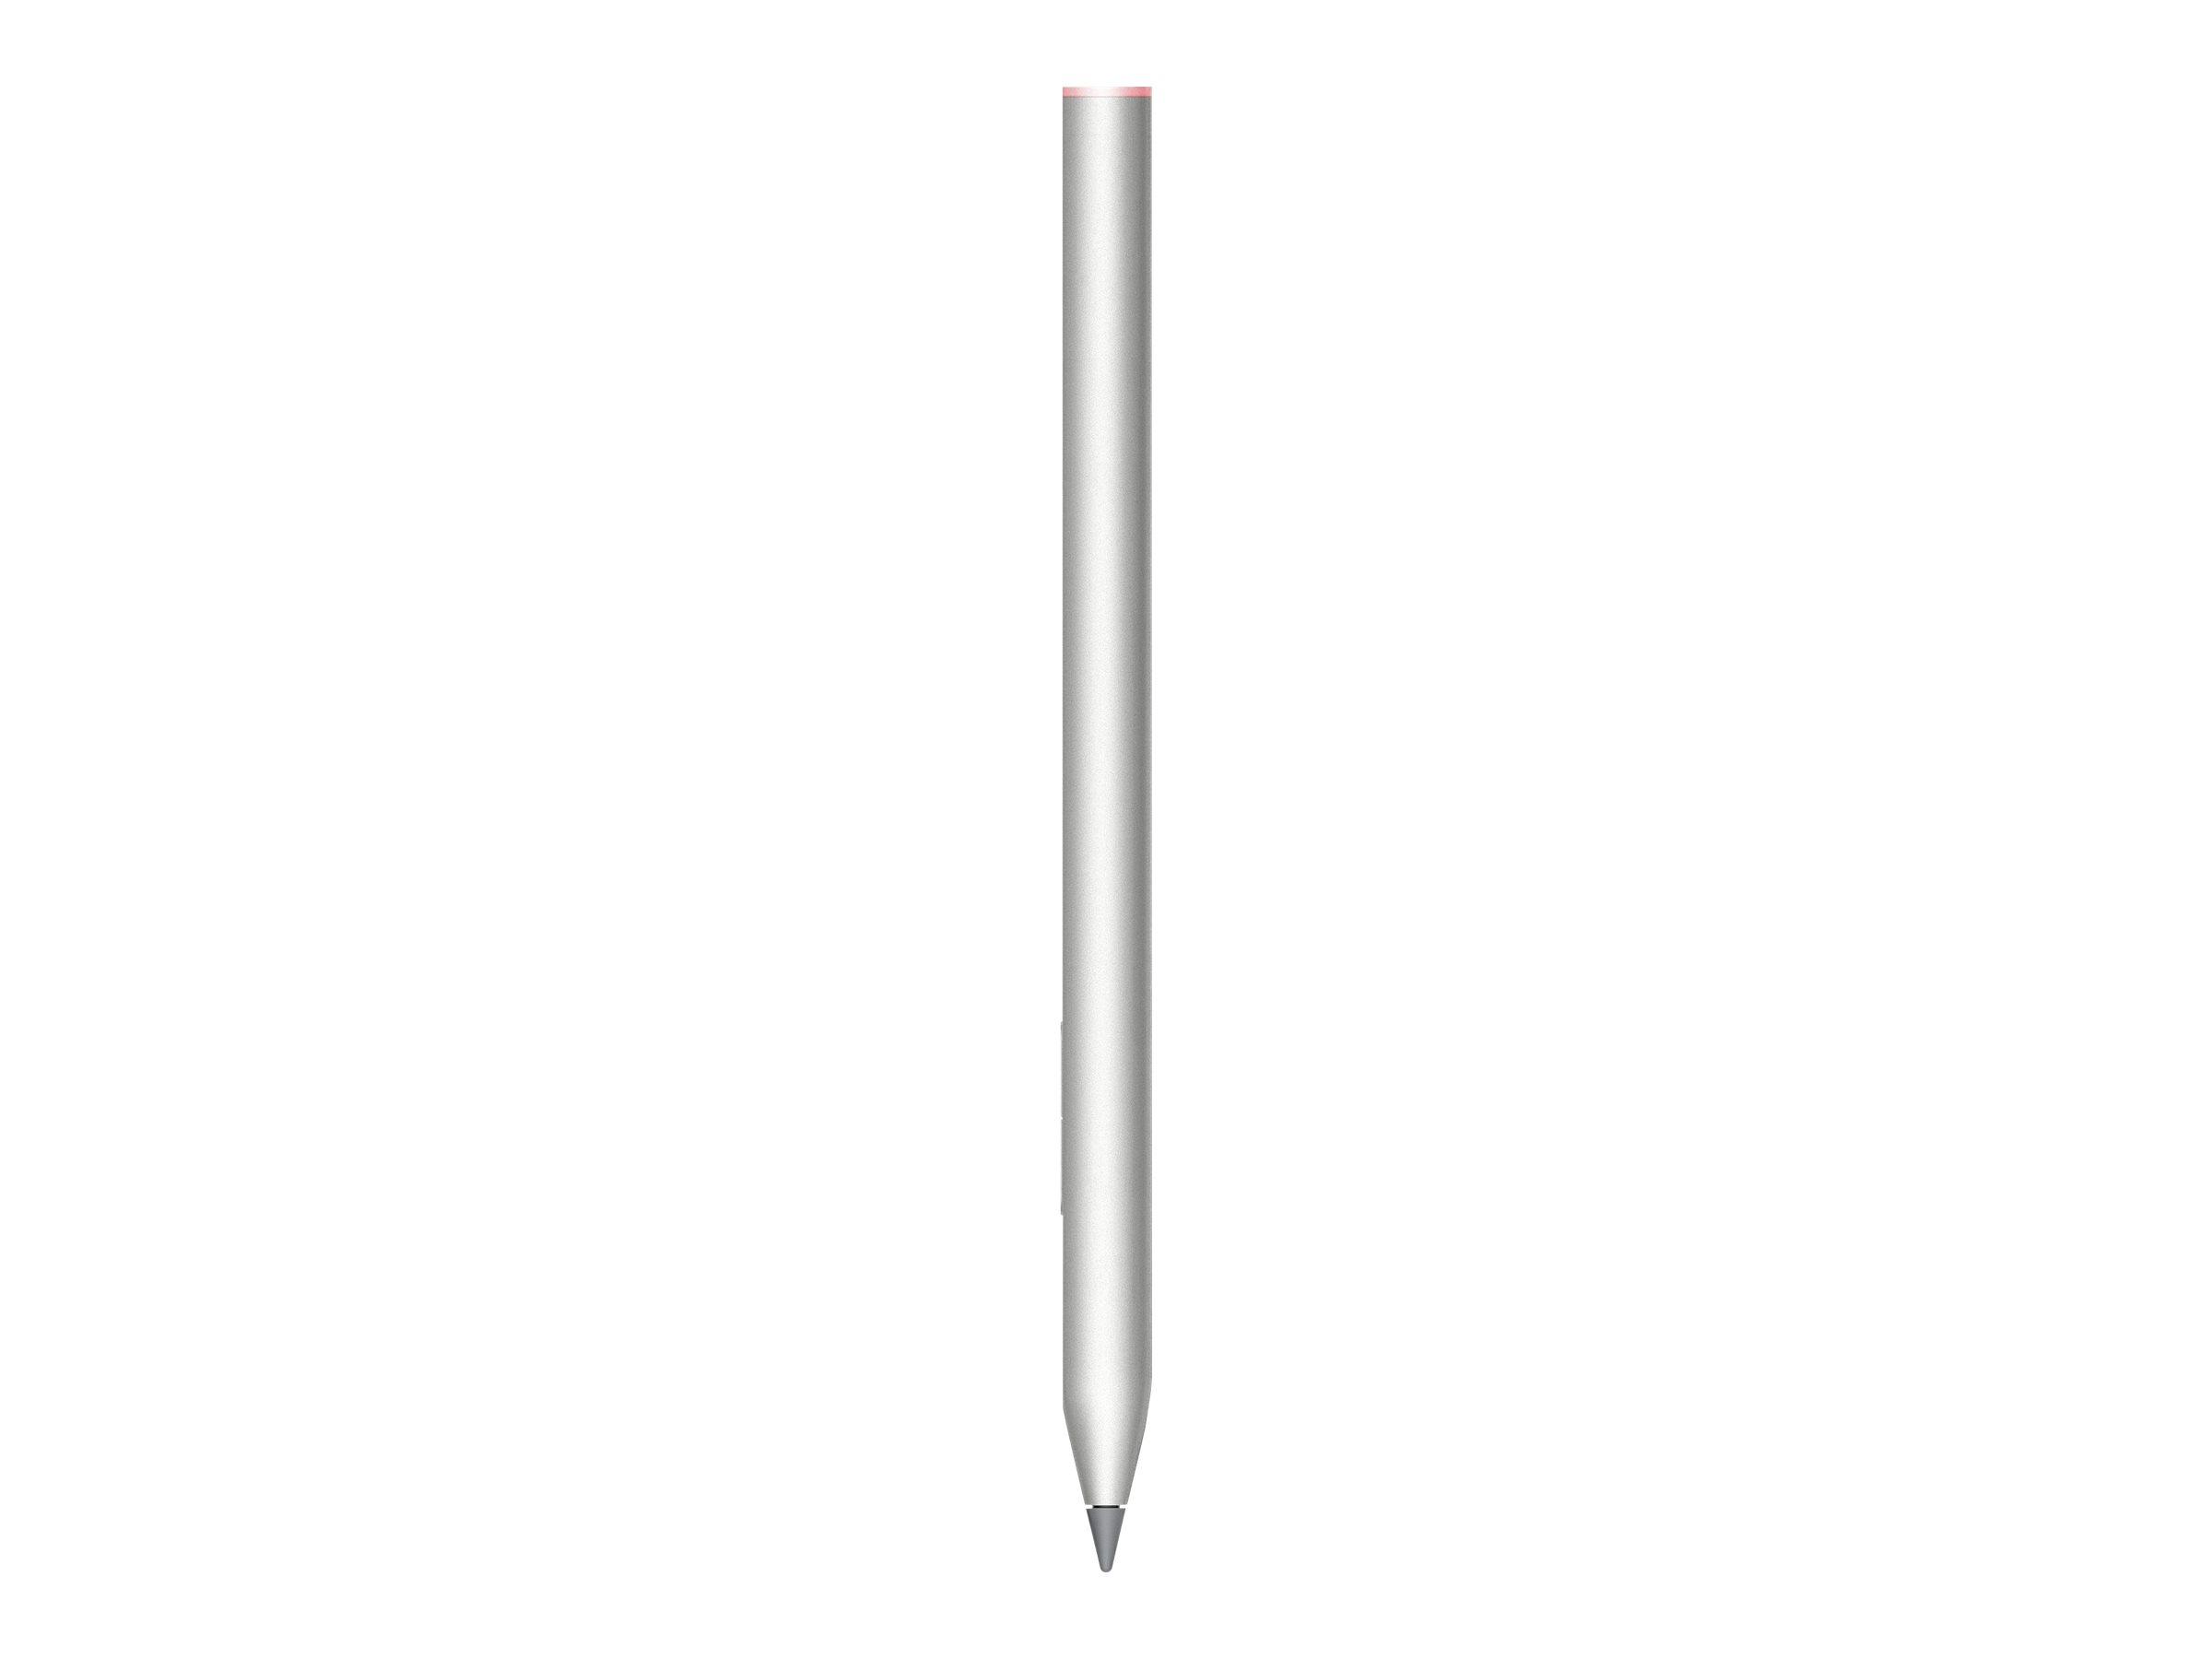 HP Rechargeable Tilt Pen - Digitaler Stift - Hecht-silberfarben - für ENVY x360; Pavilion x360; Spectre x360